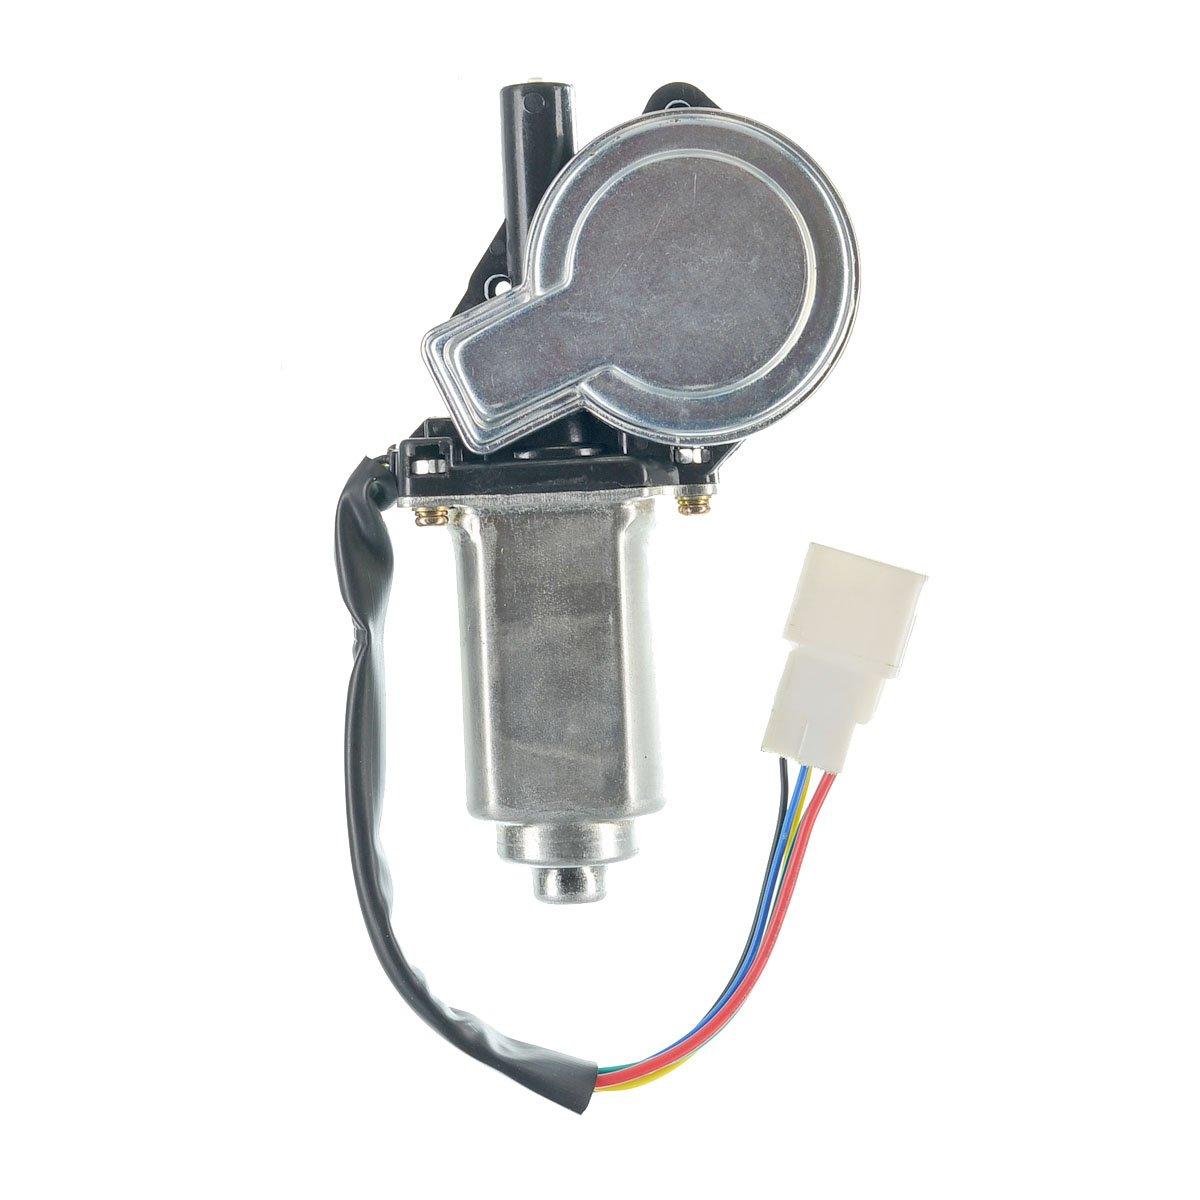 A-Premium Anti-Clip Function Window Lift Motor for Lexus GS300 GS400 GS430 1998-2005 Front Left Driver Side PremiumpartsWhosale